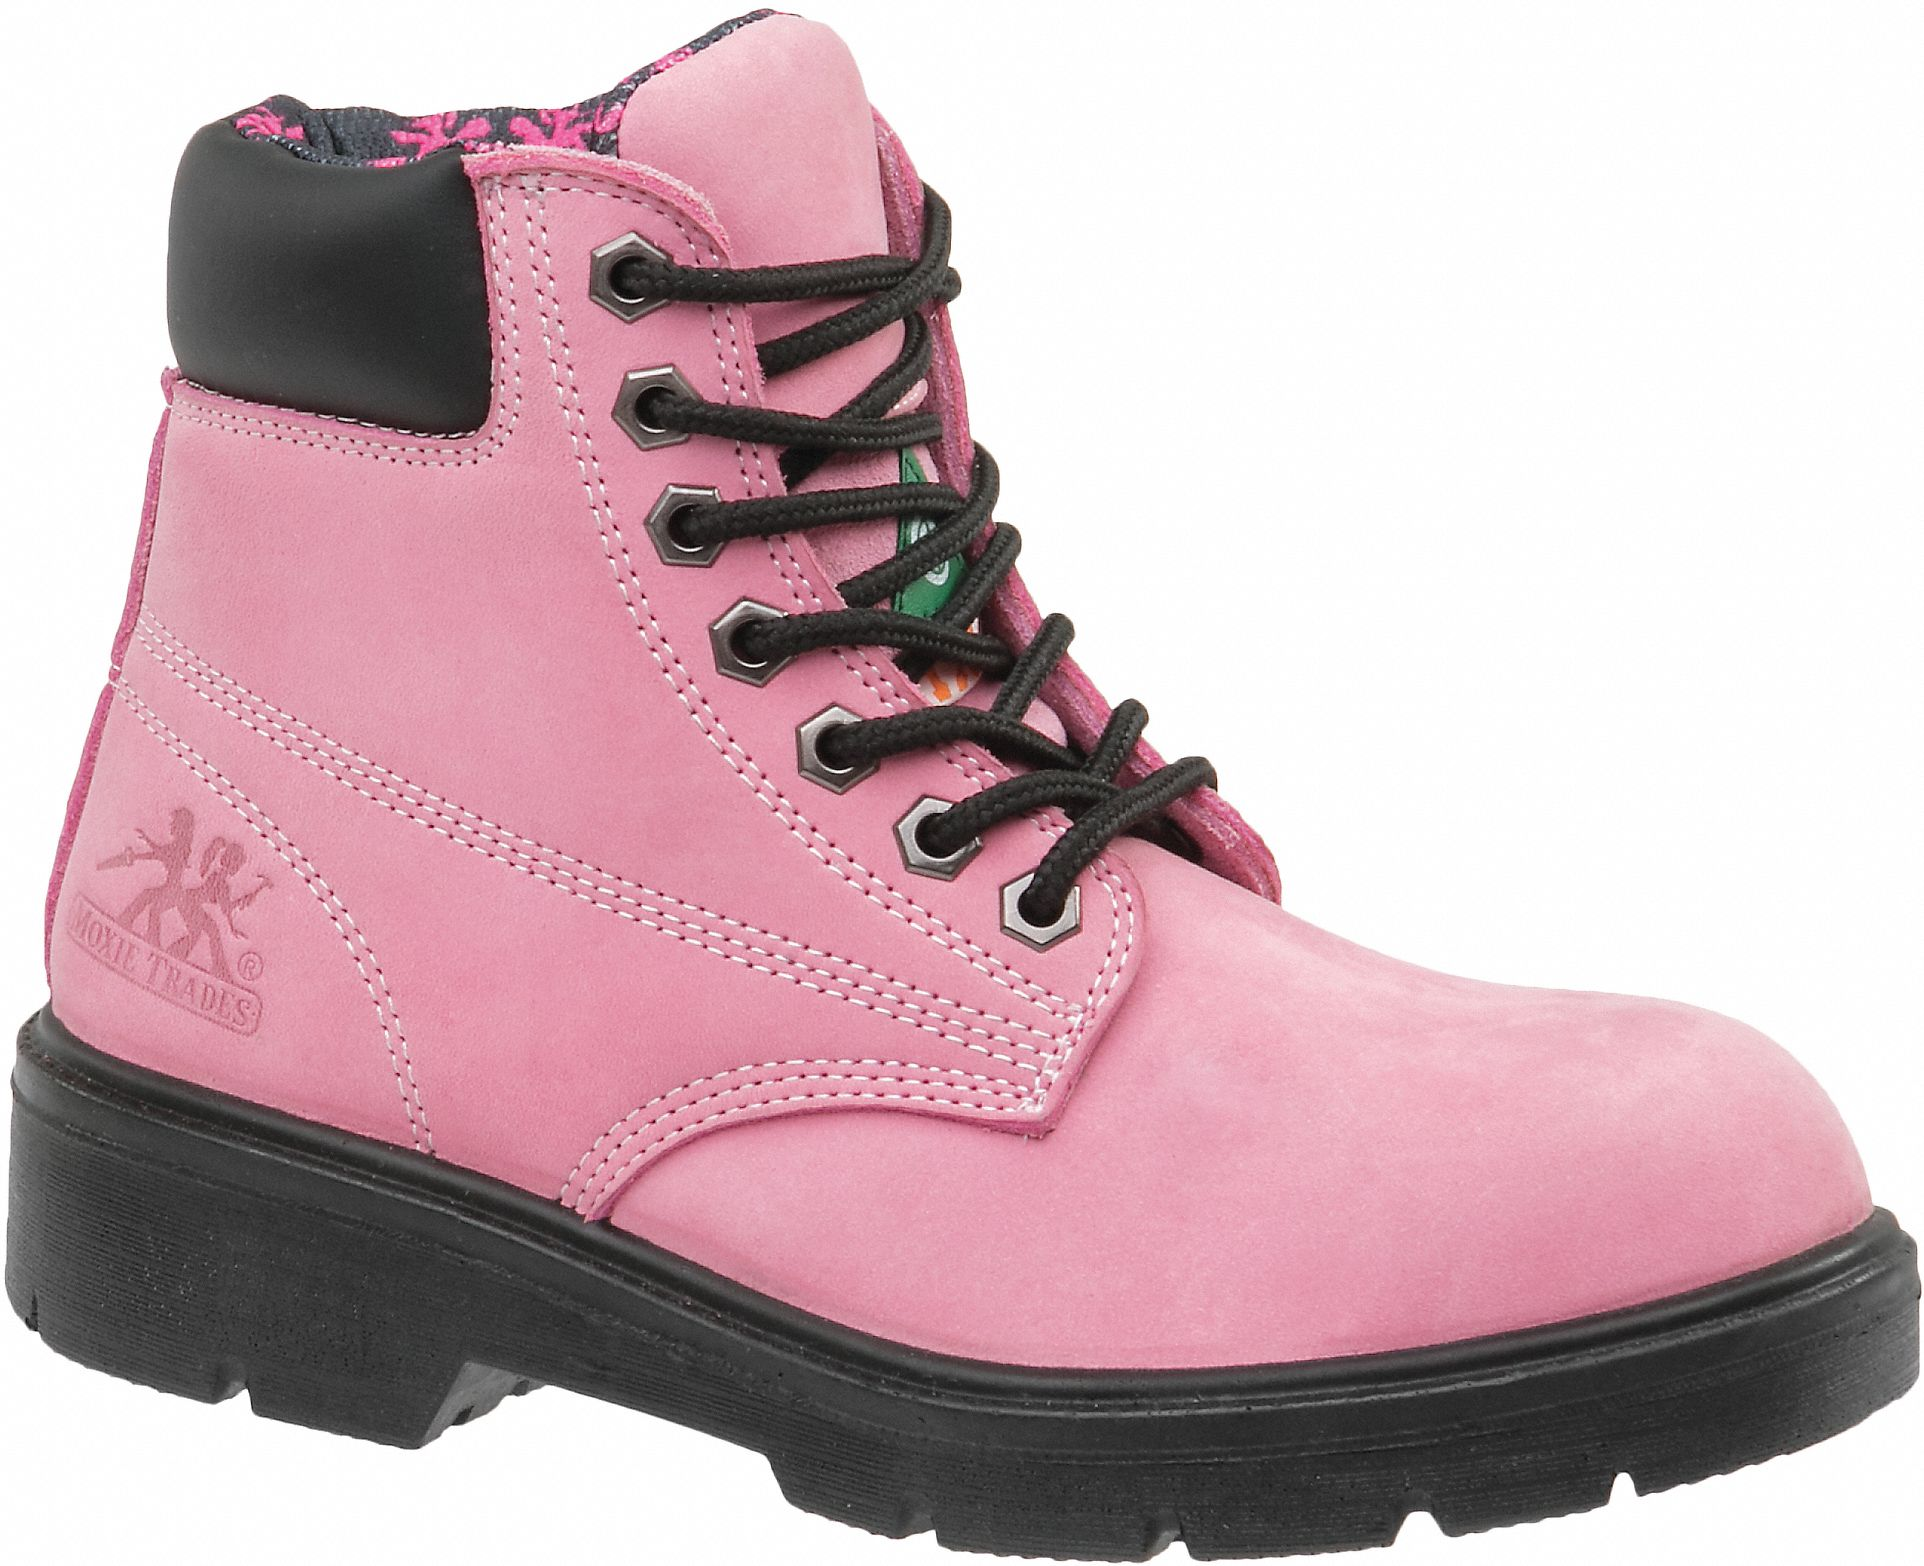 moxie trades 6 u0026quot  work boot  9 2  d  women u0026 39 s  pink  steel